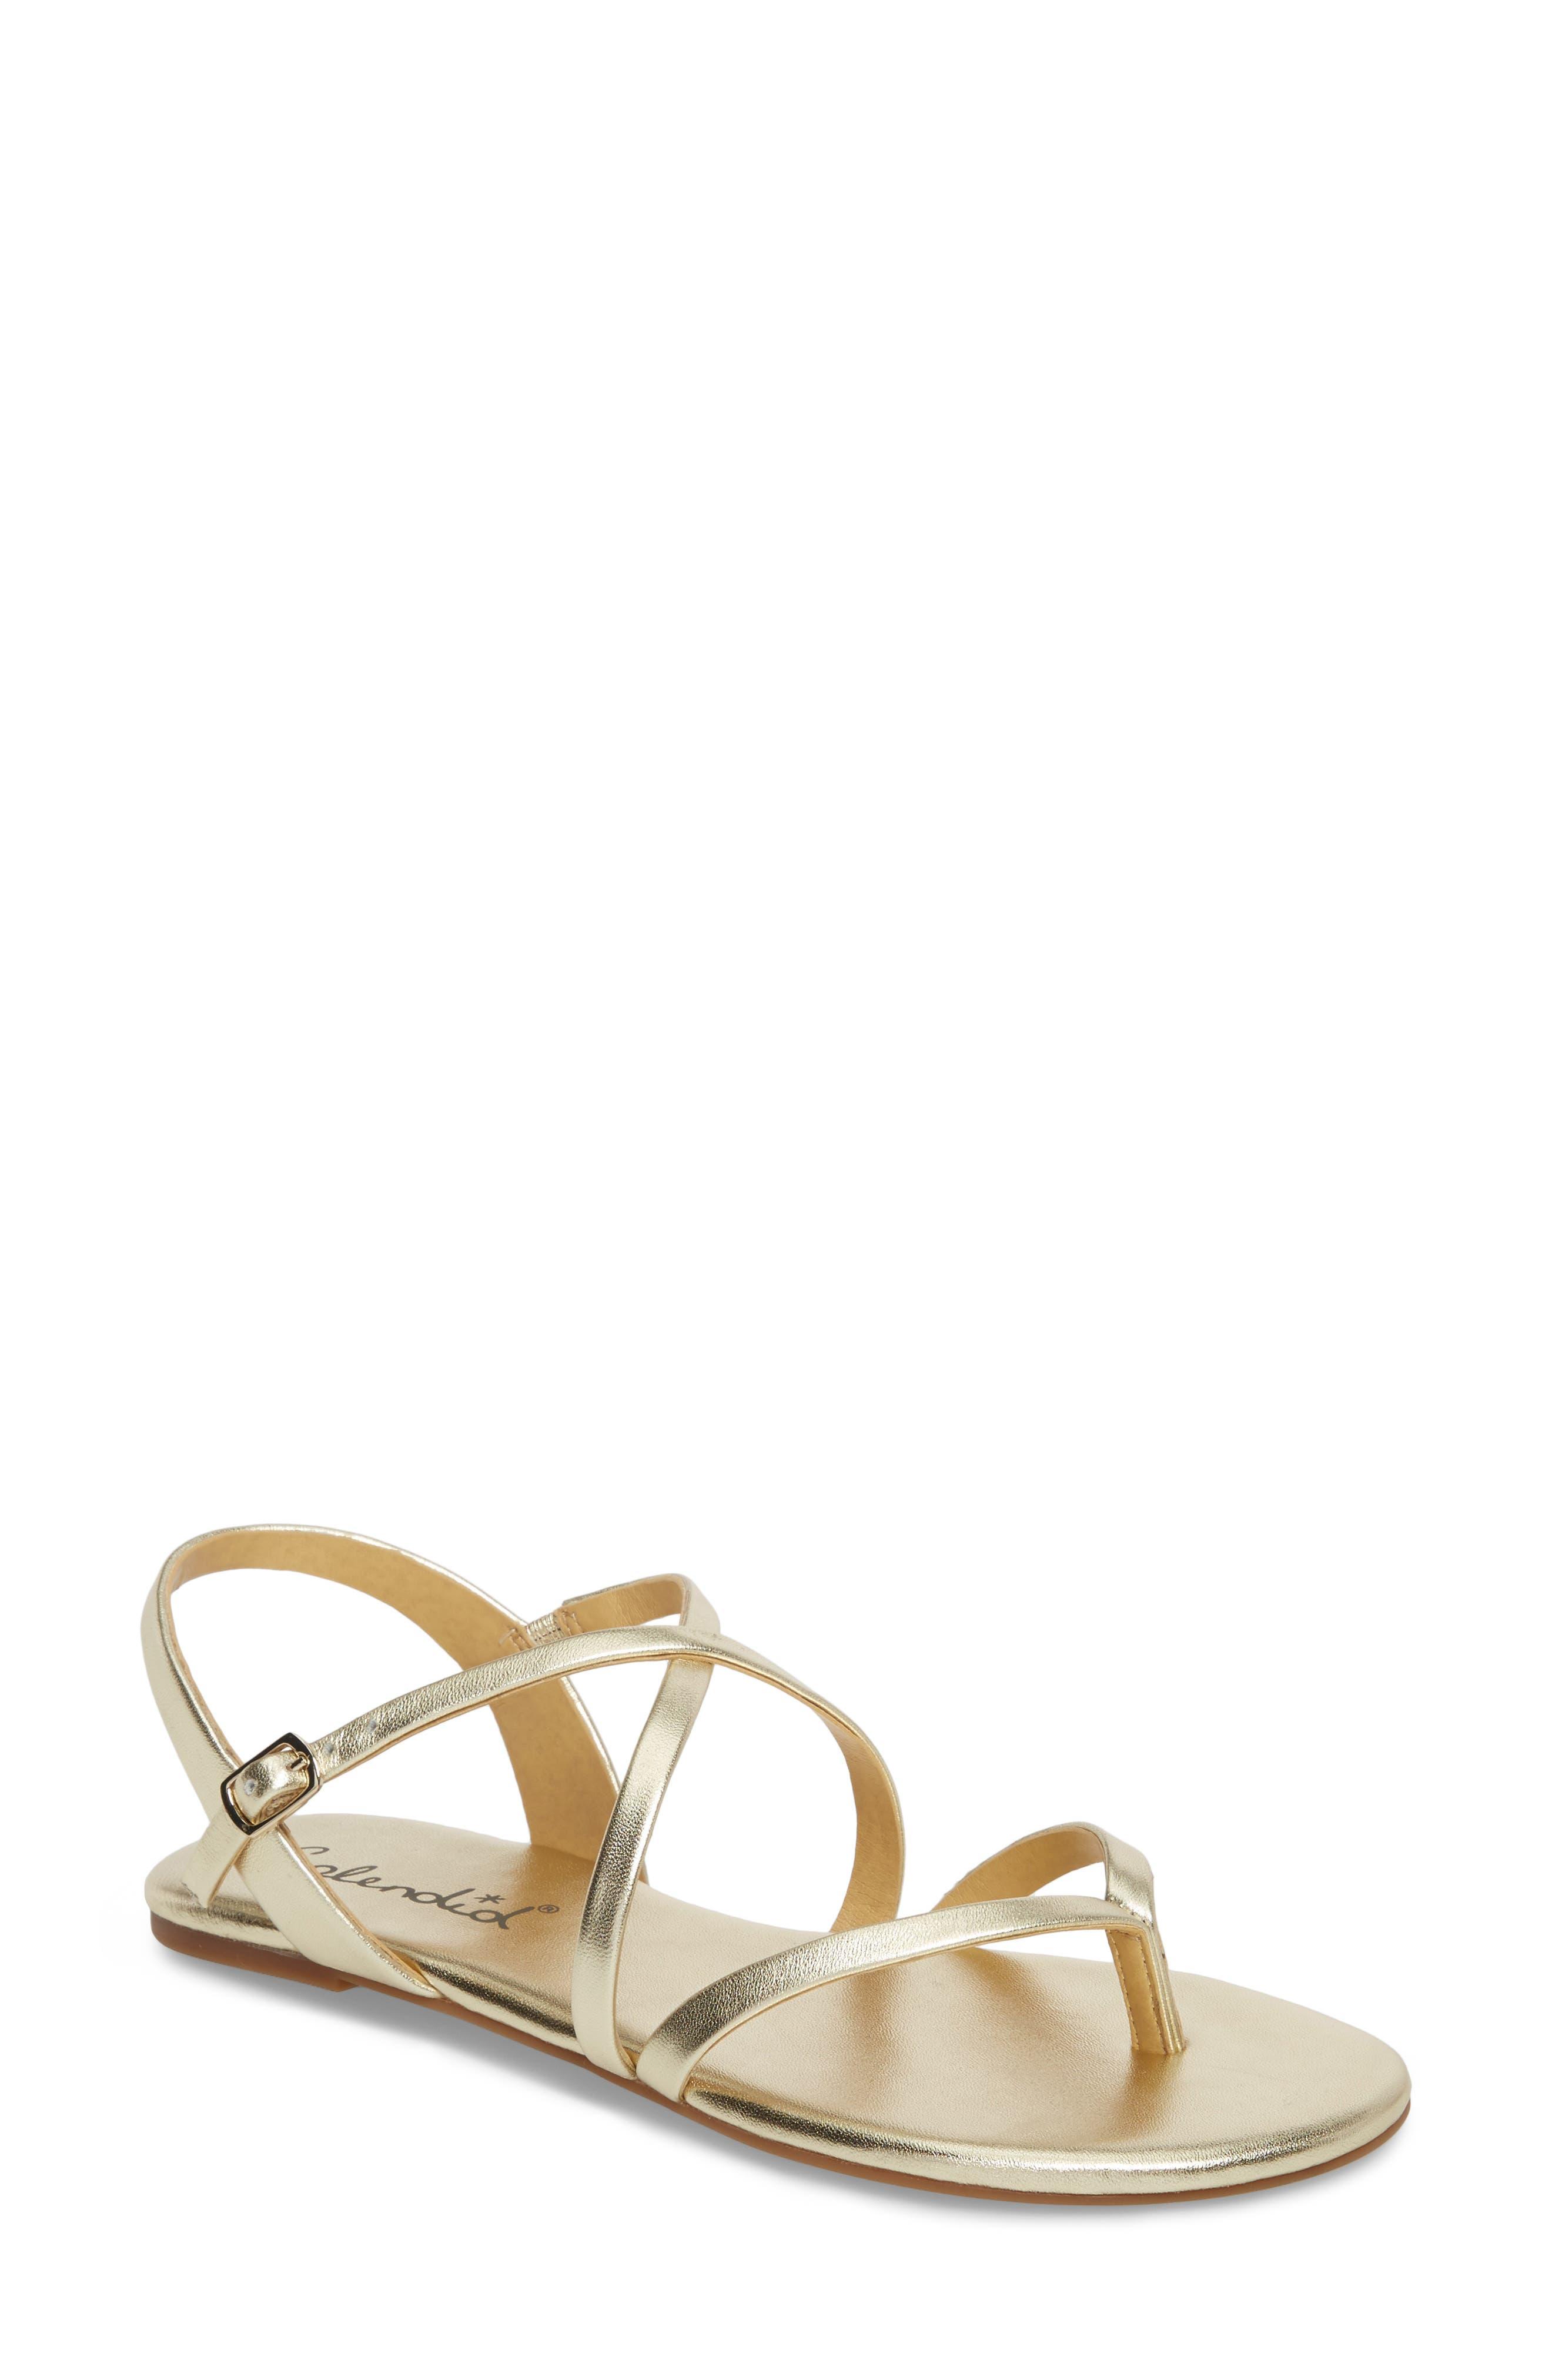 Alternate Image 1 Selected - Splendid Brett Strappy Flat Sandal (Women)